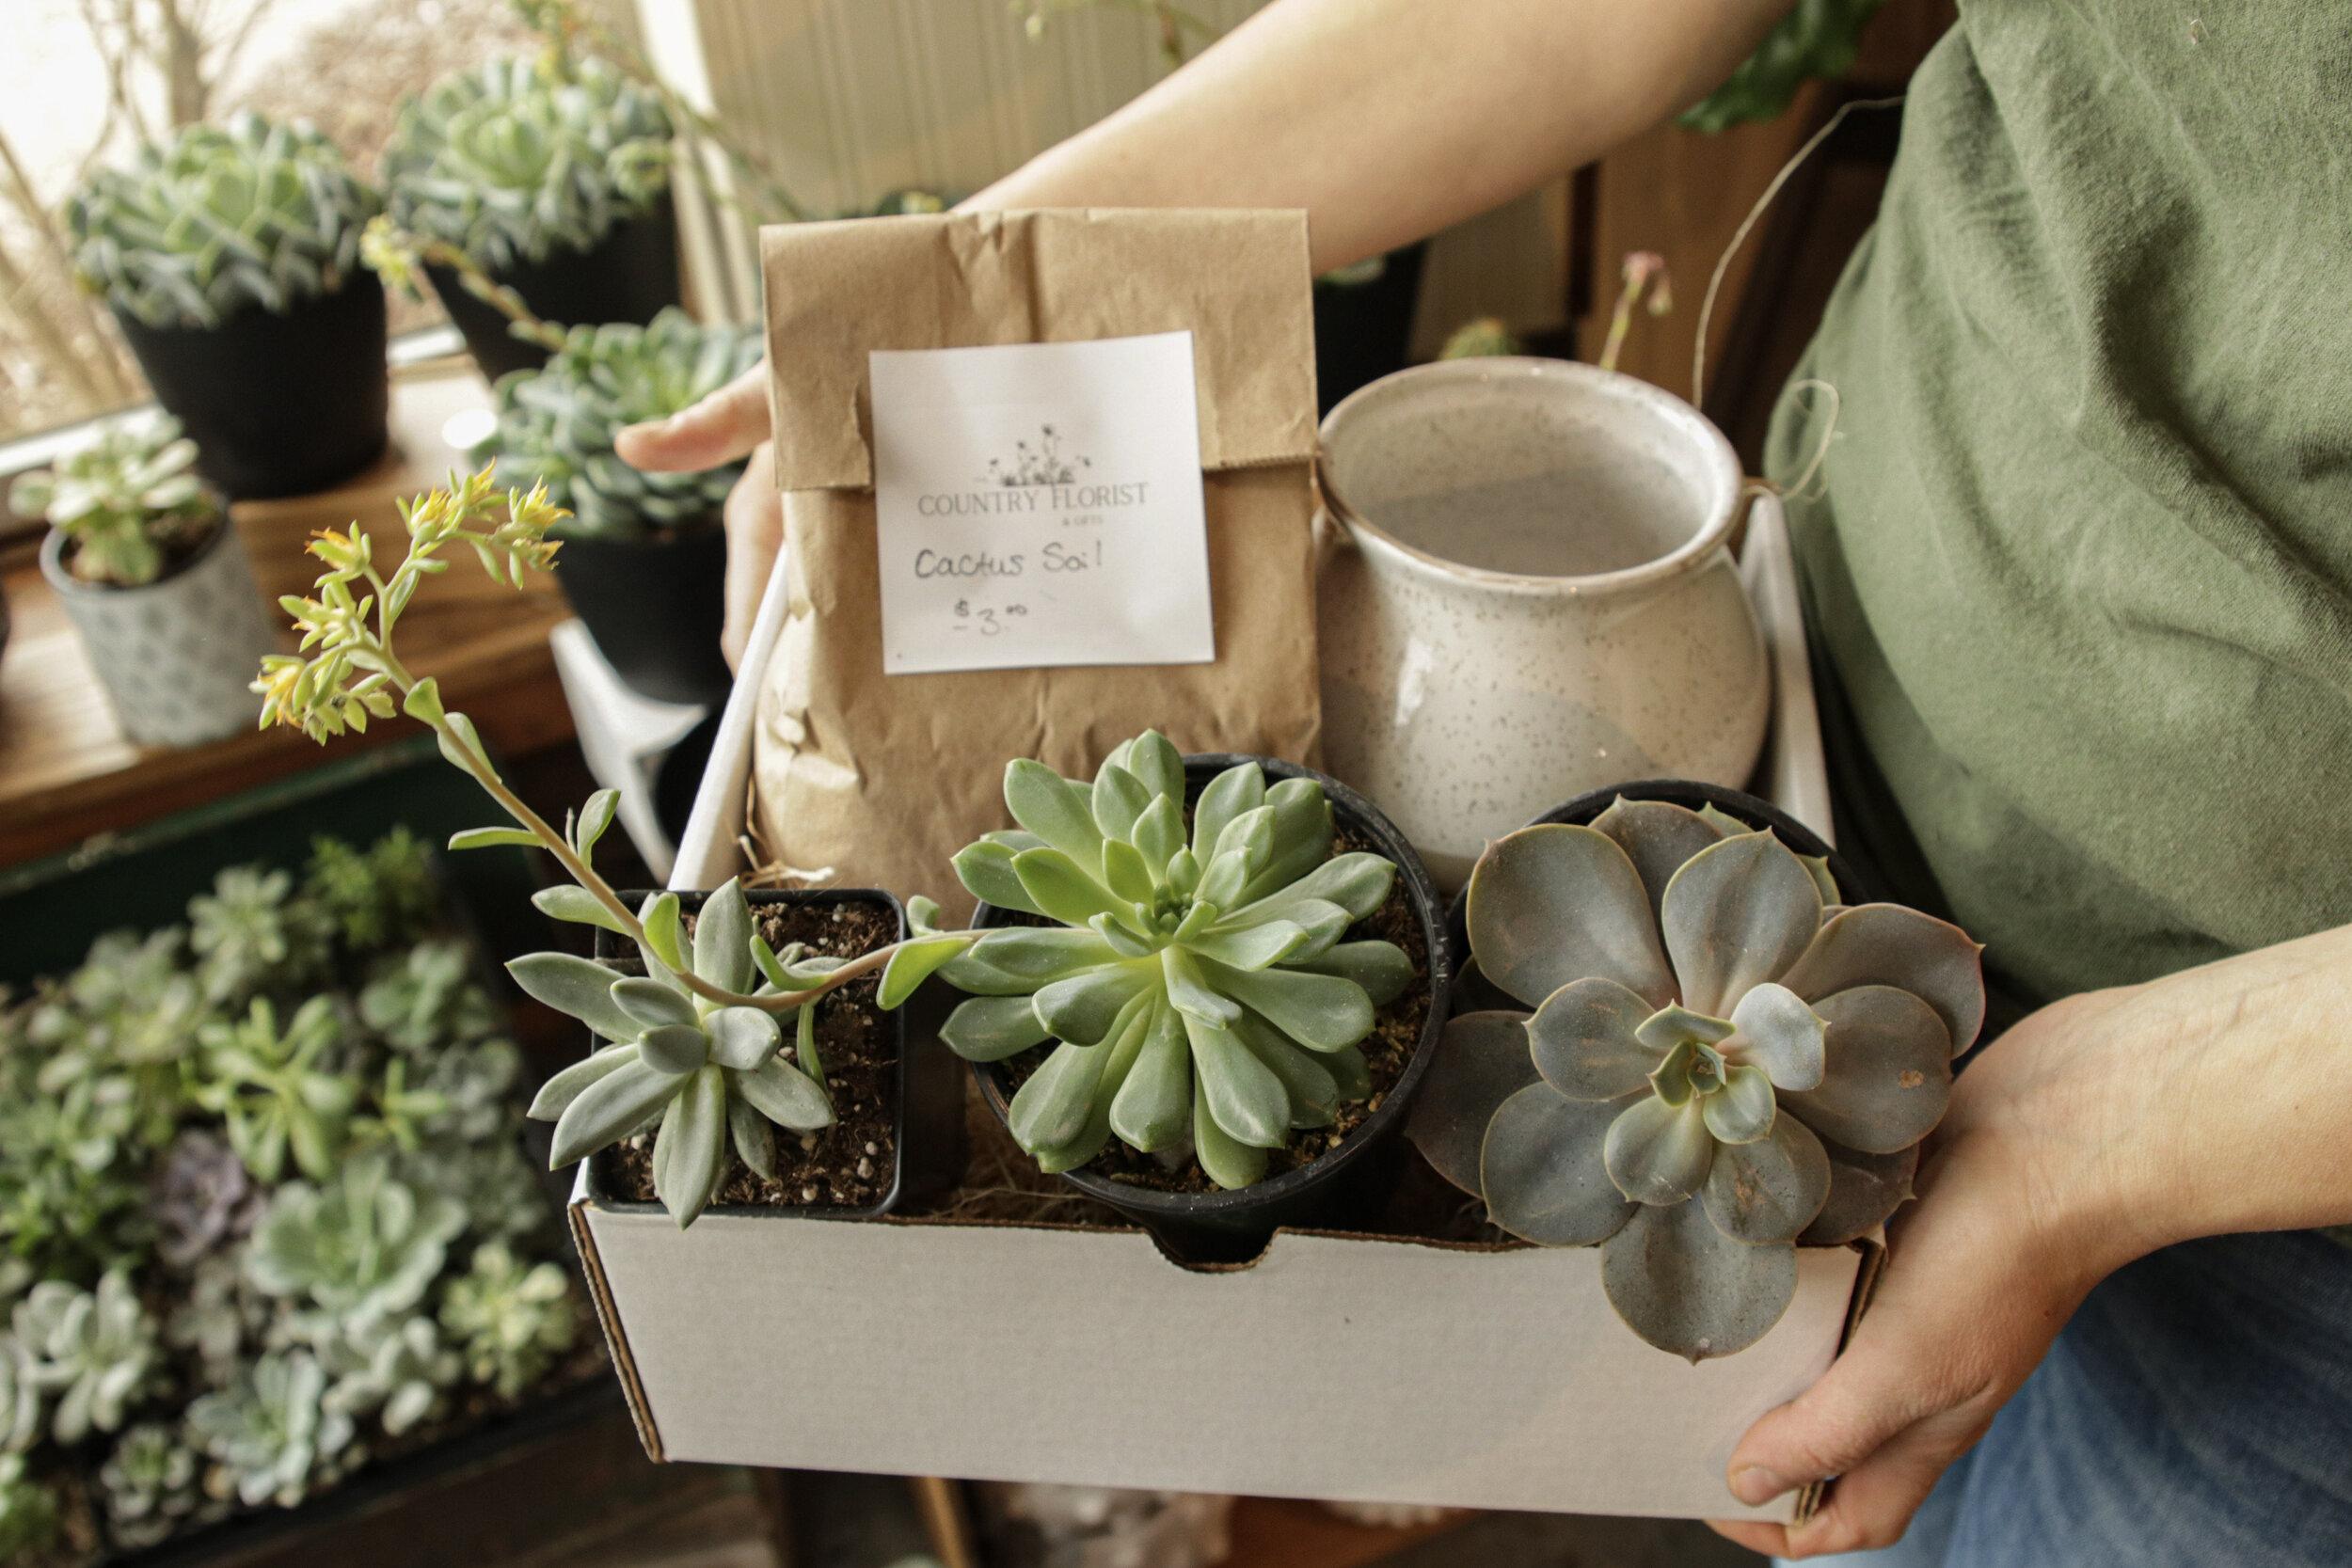 Diy Succulent Planter Kit Country Florist